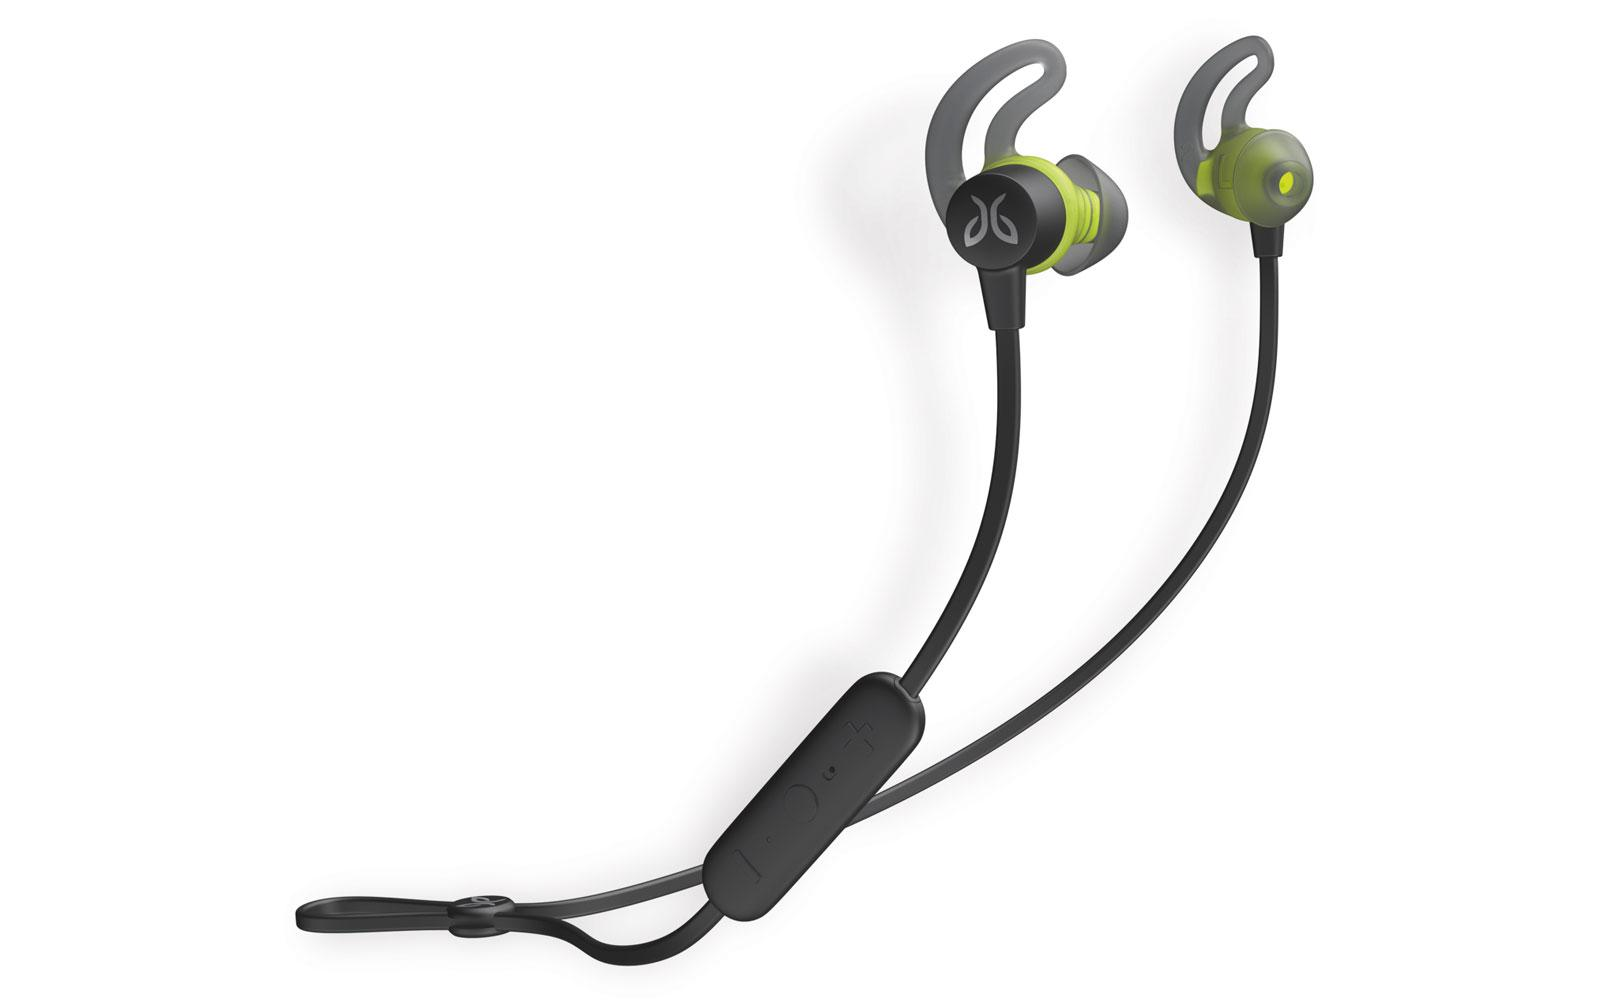 Jaybird将推新款颈挂式耳机 具备IPX7防...